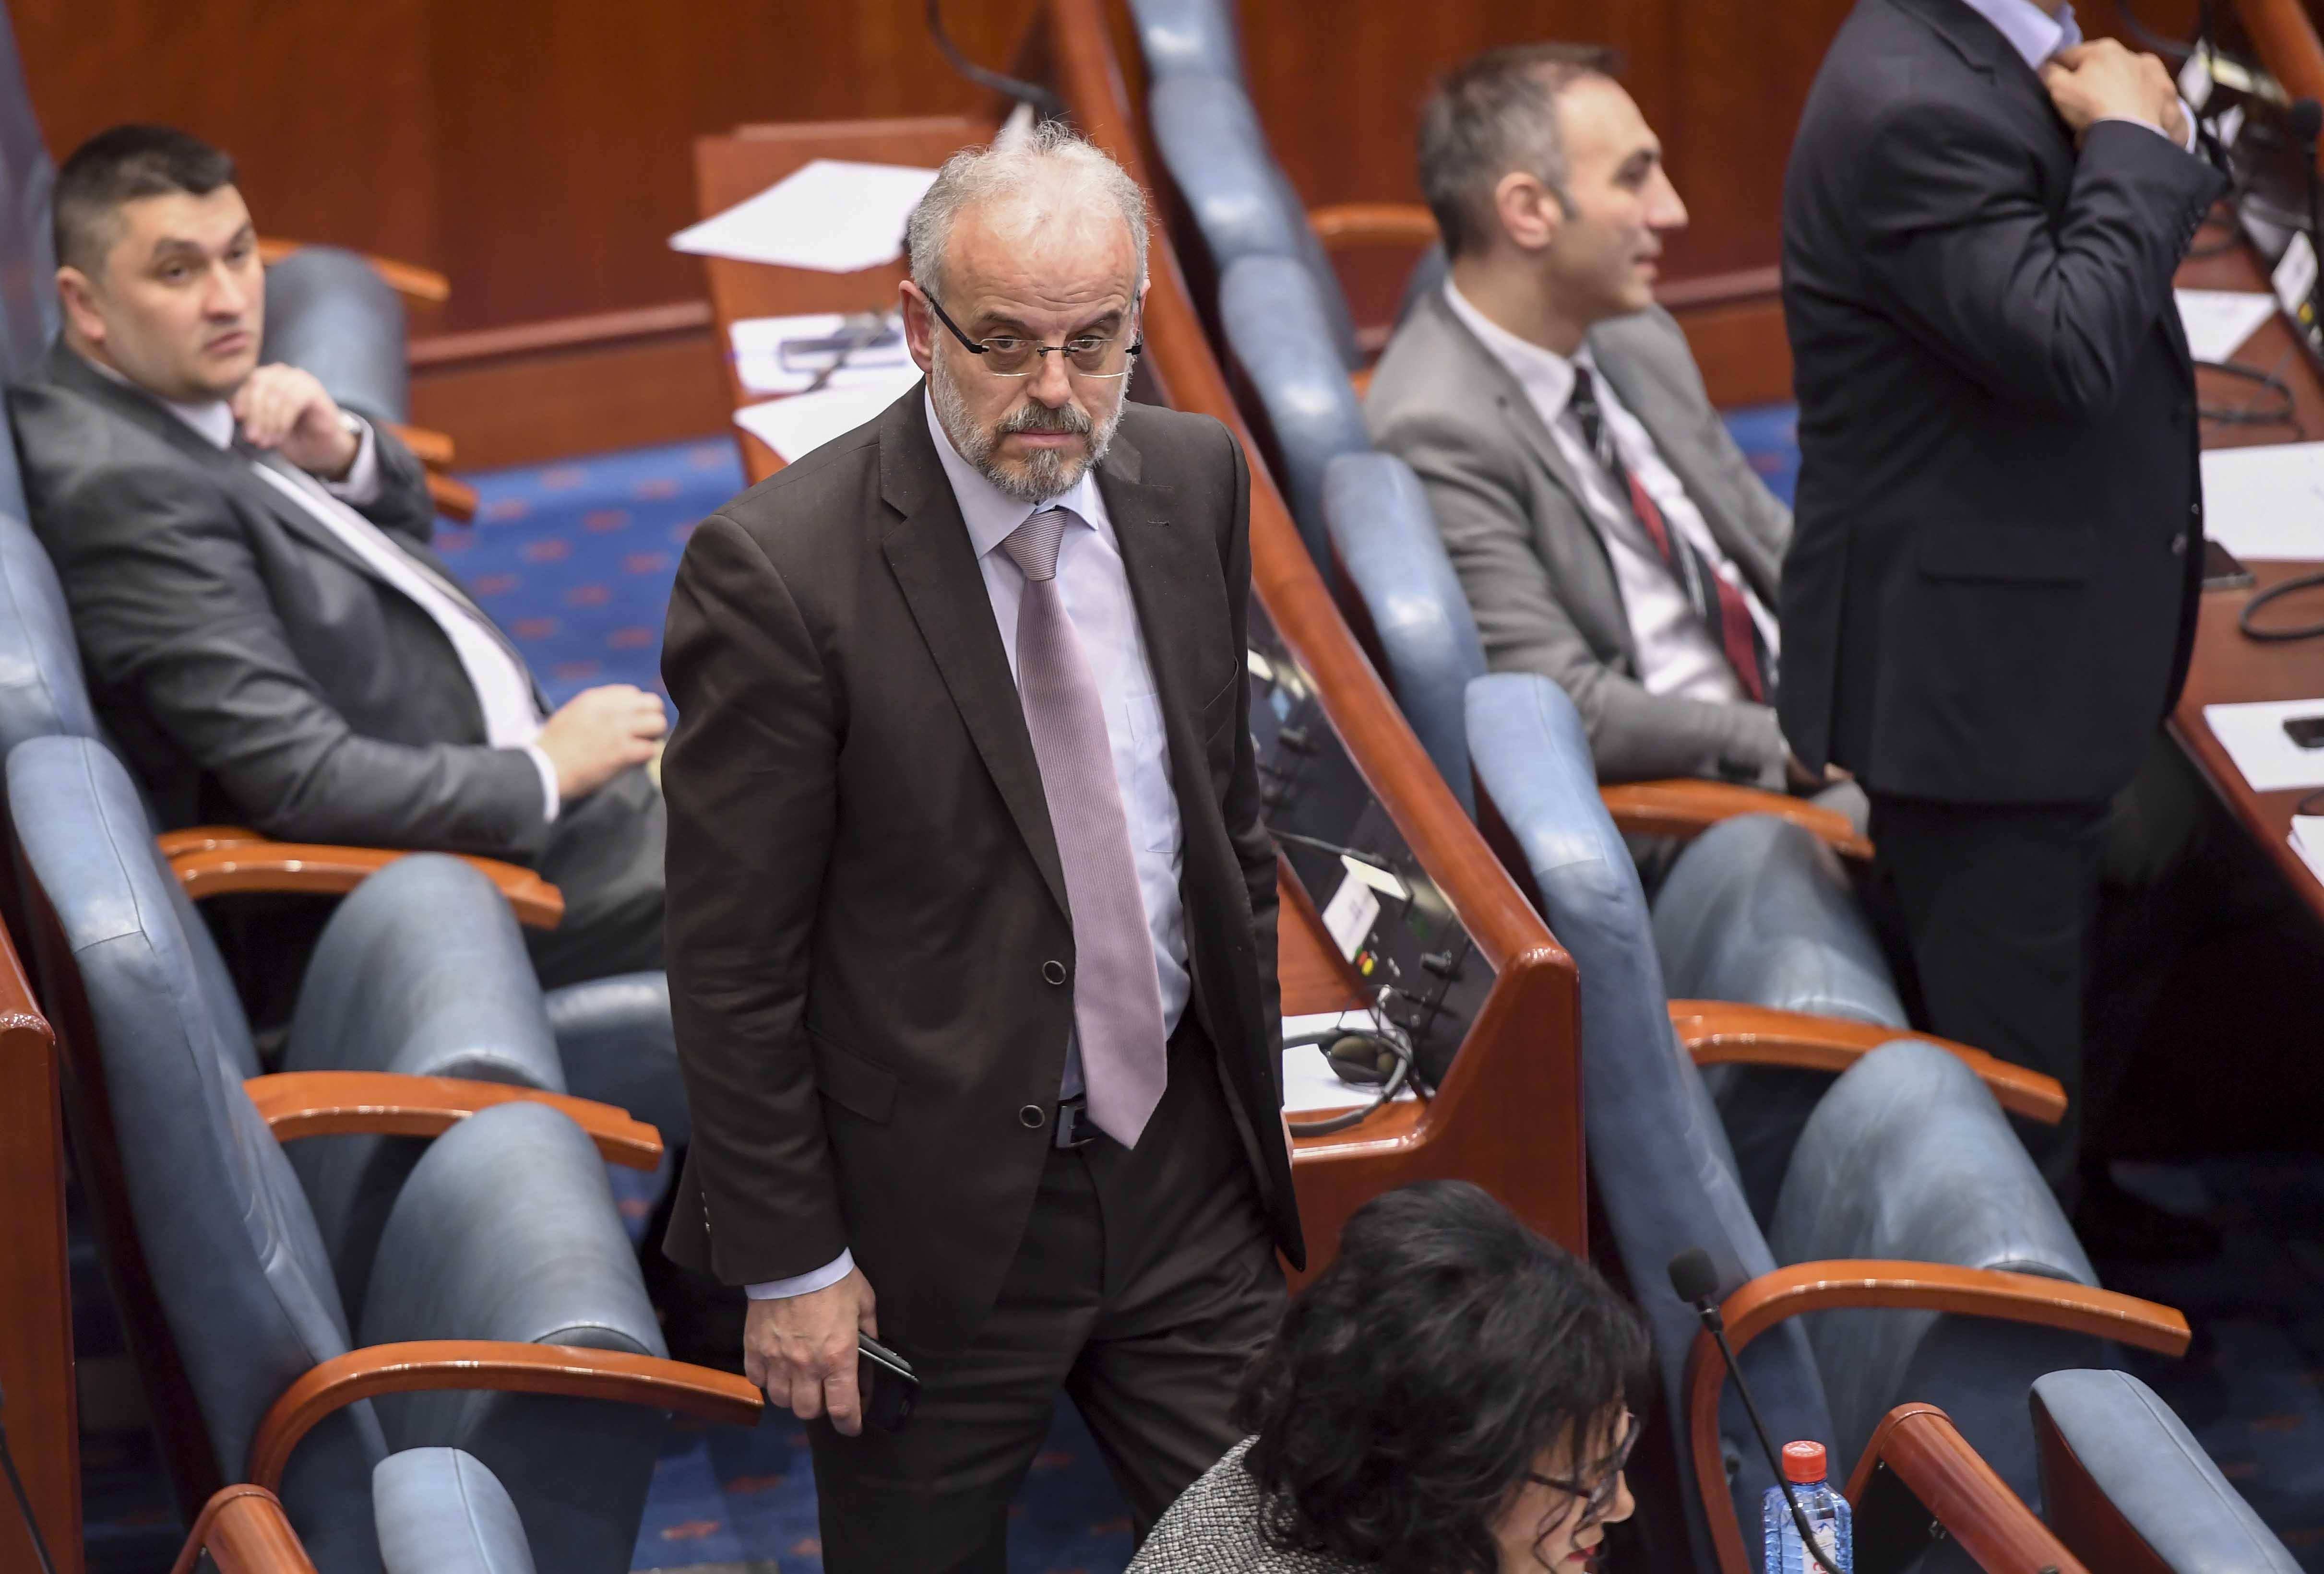 ВМРО-ДПМНЕ НЕМА ДА ОДИ КАЈ ТАЛАТ НА КООРДИНАЦИЈА ЗА ЛОКАЛНИТЕ ИЗБОРИ